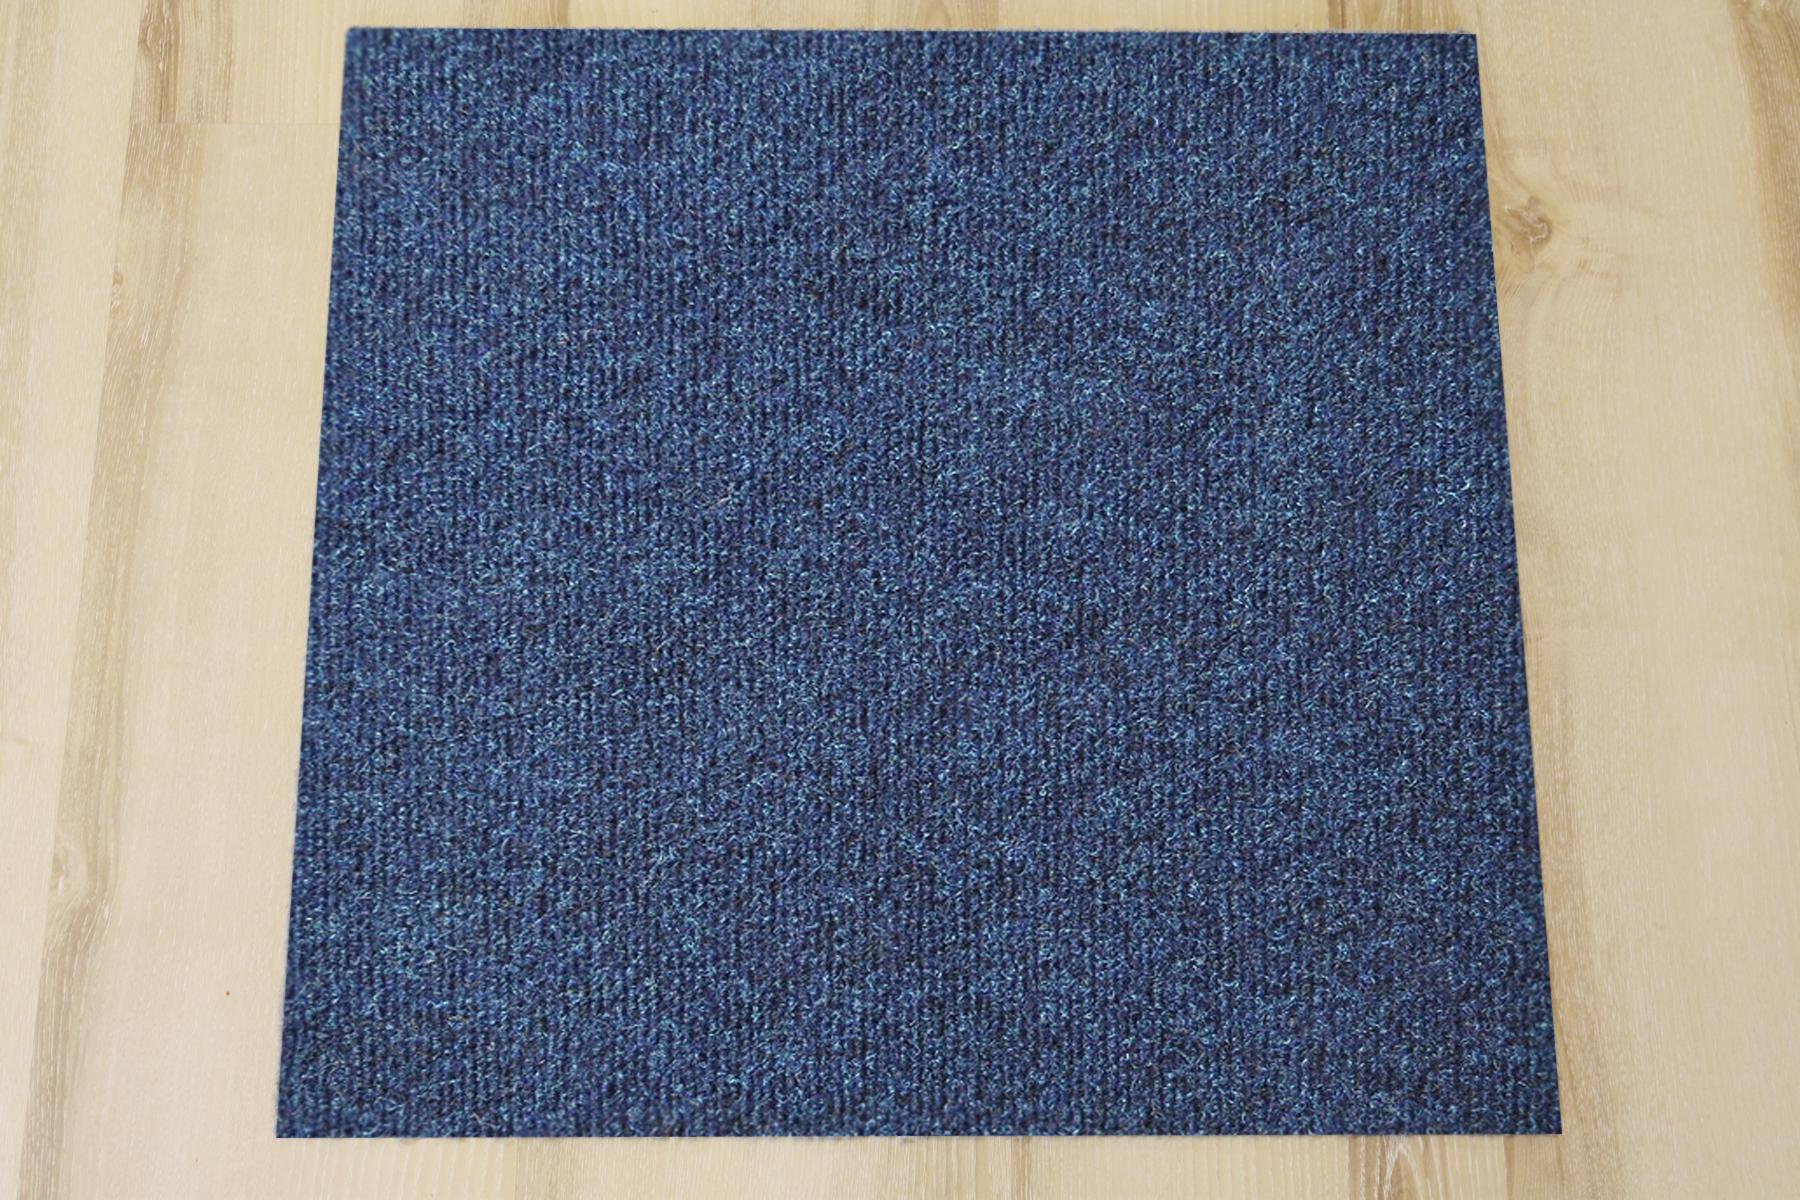 Teppich fliesen rex 50x50 cm b1 balta 541 d blau b s1 ebay for Fliesen blau